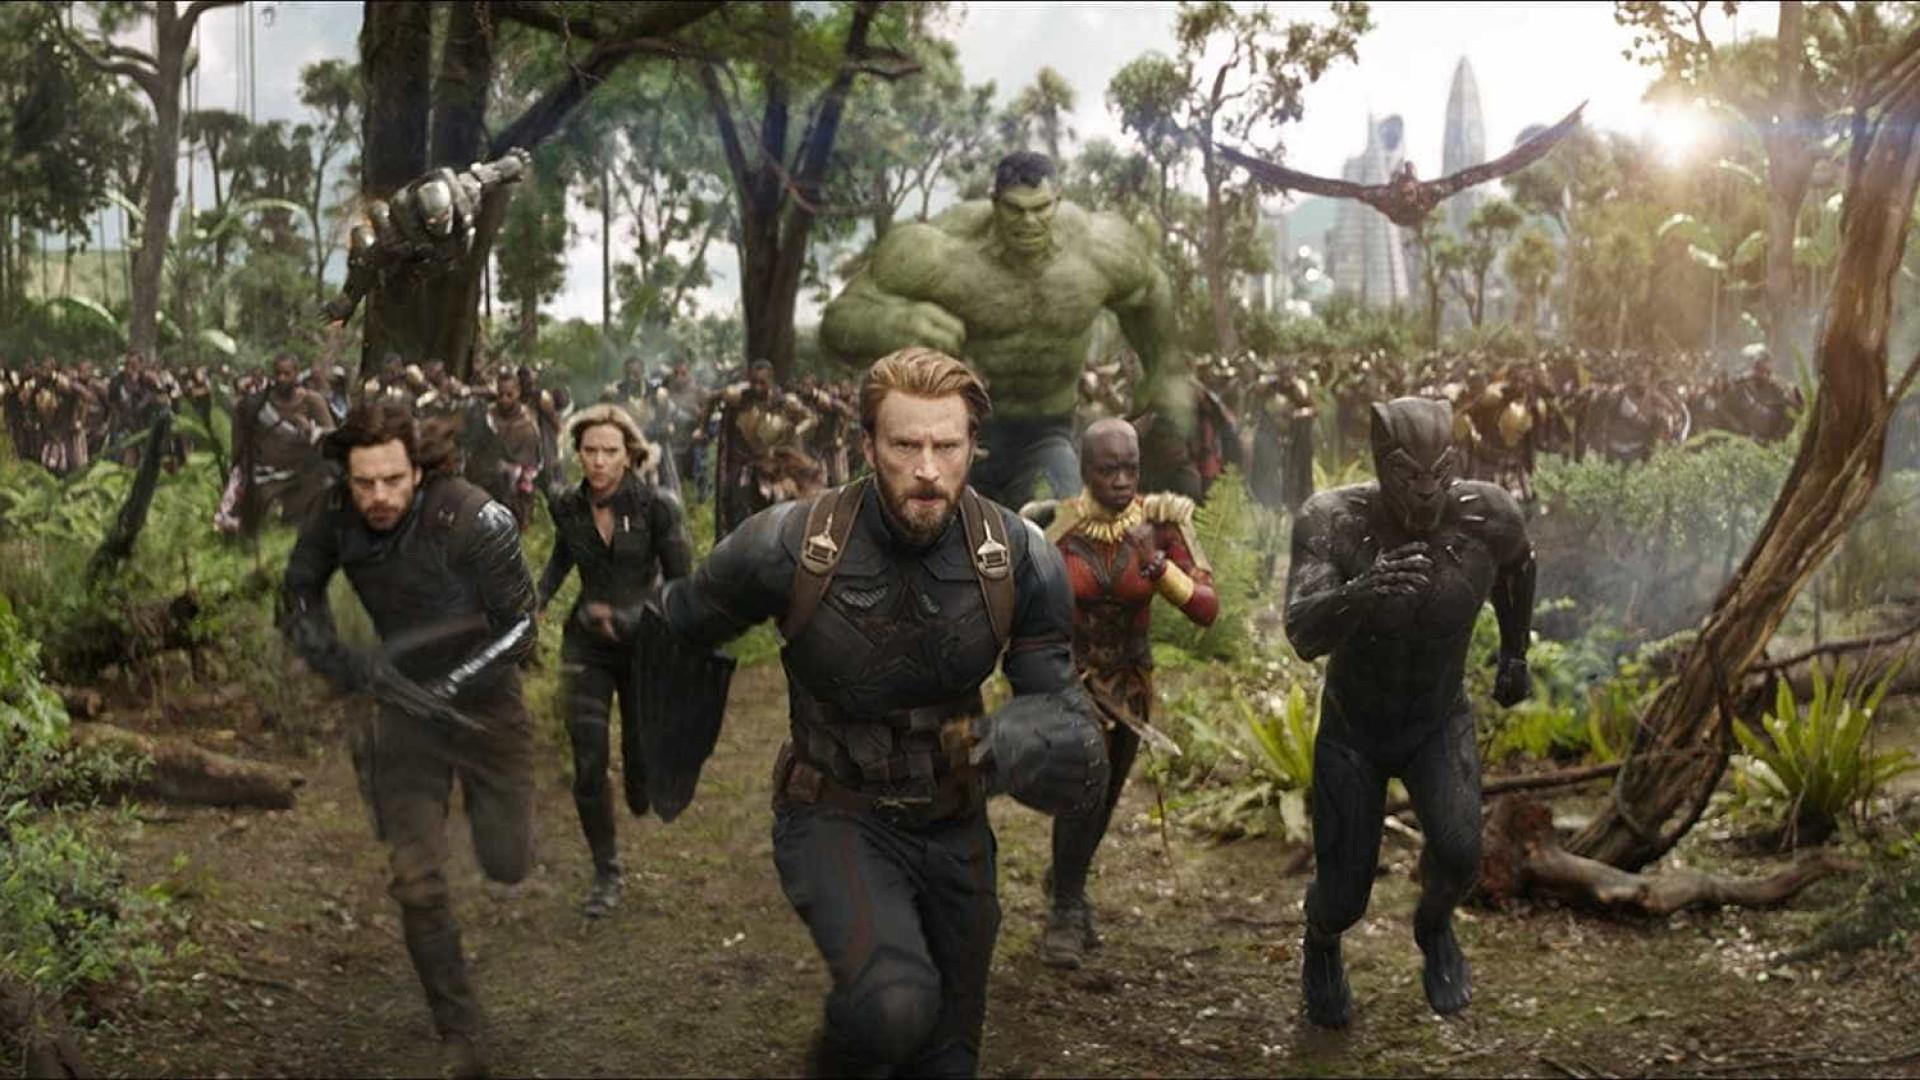 'Vingadores: Guerra Infinita' bate US$ 2 bi em bilheterias mundiais